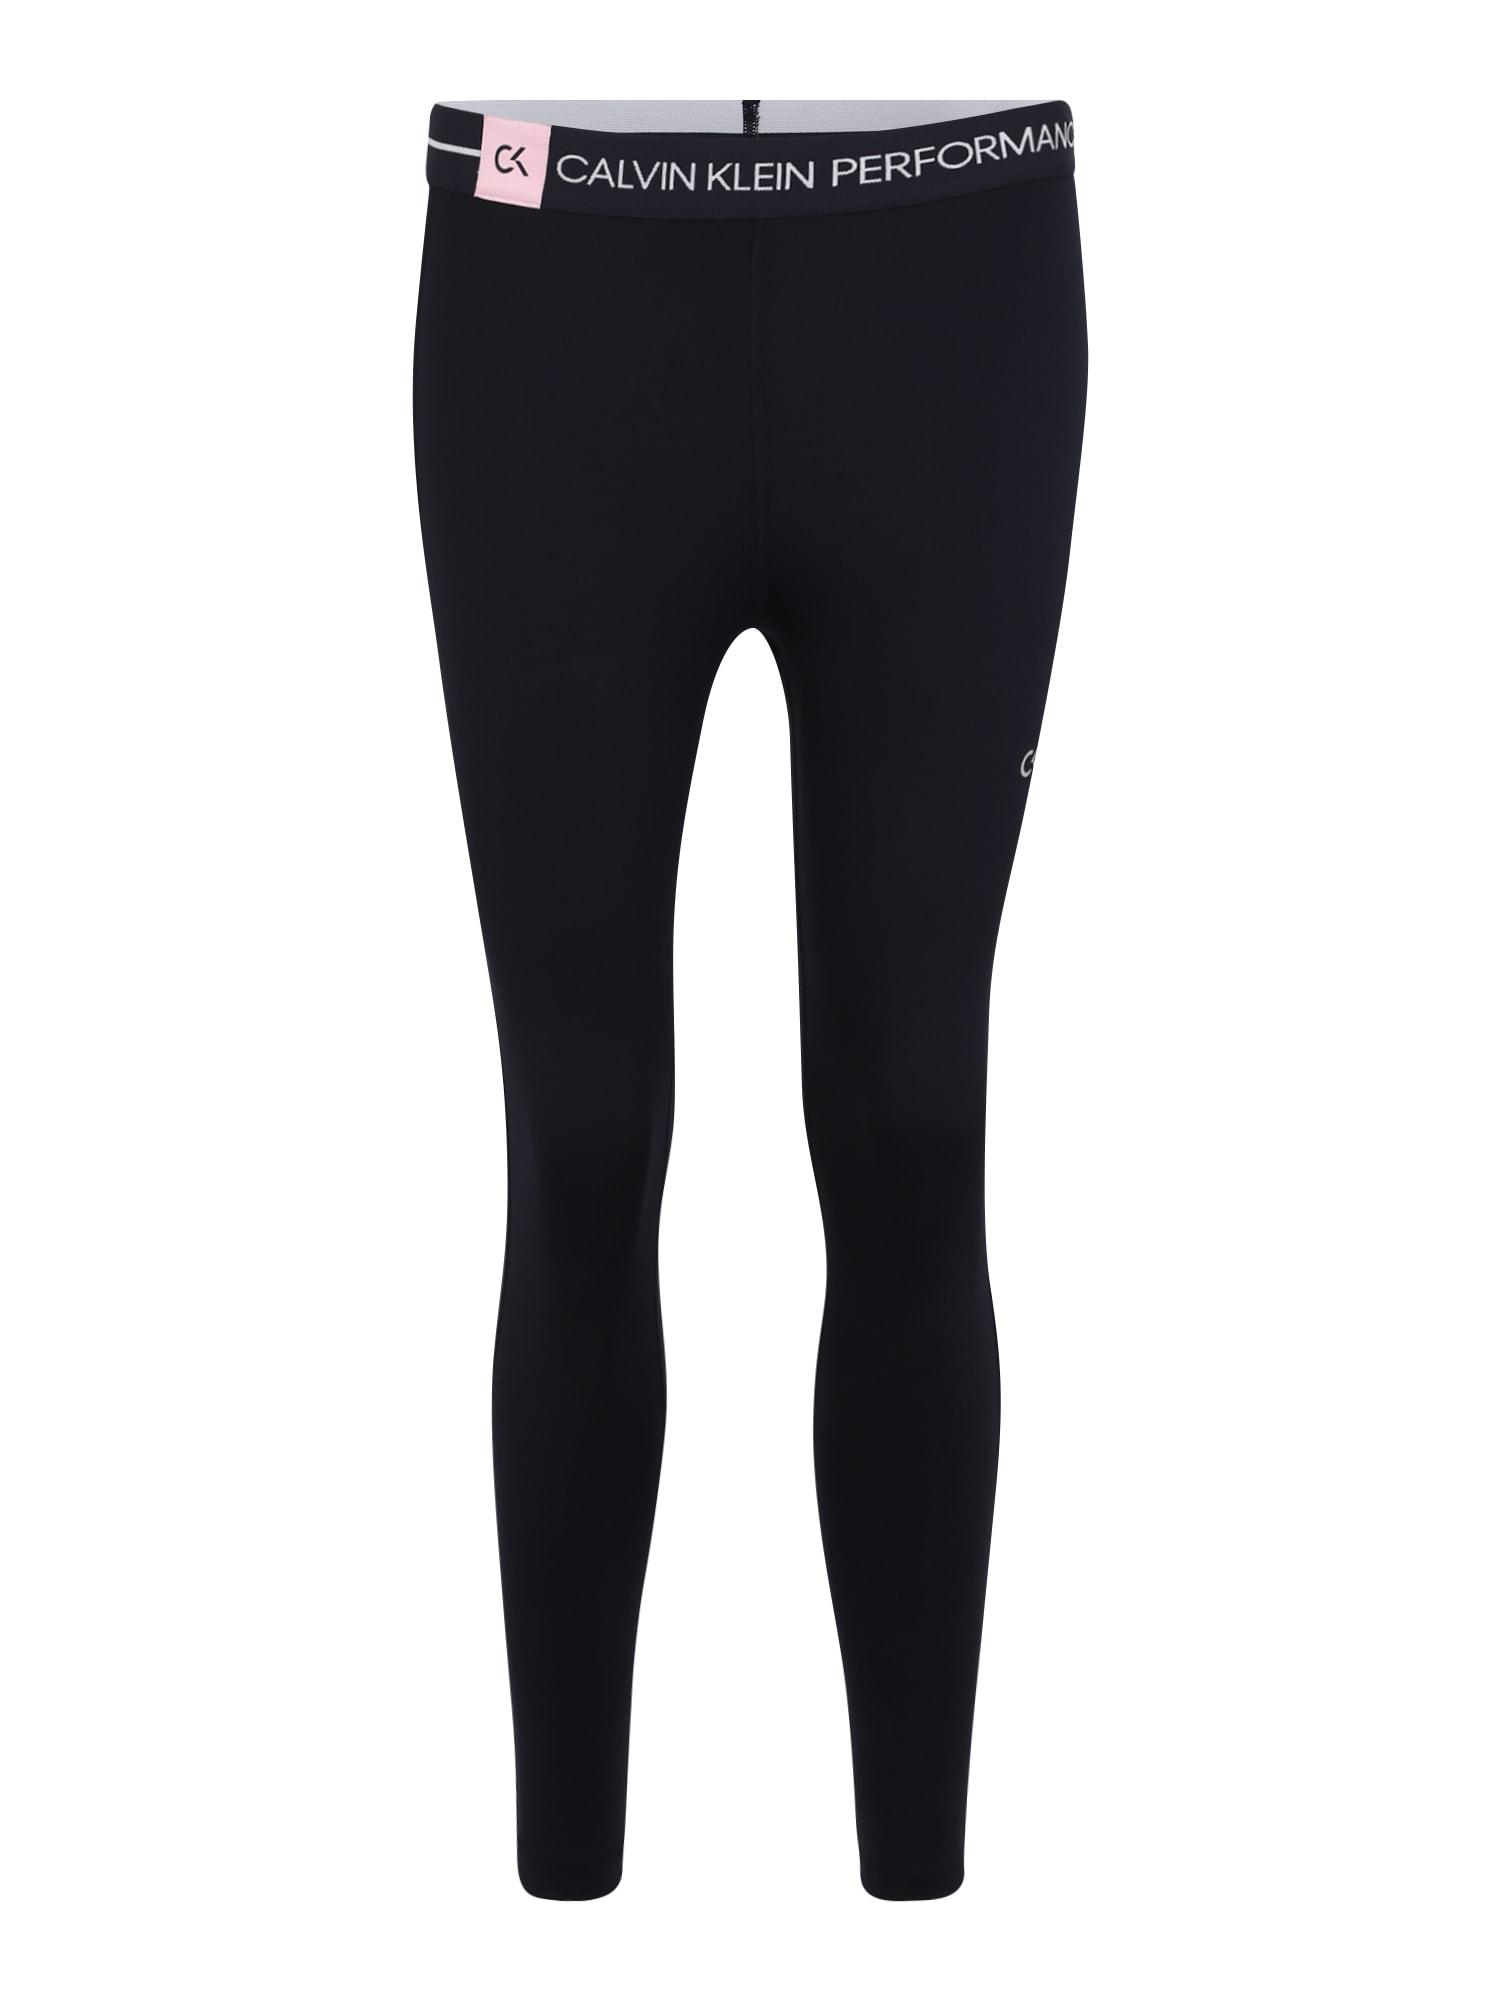 Sportovní kalhoty 78 TIGHT marine modrá Calvin Klein Performance